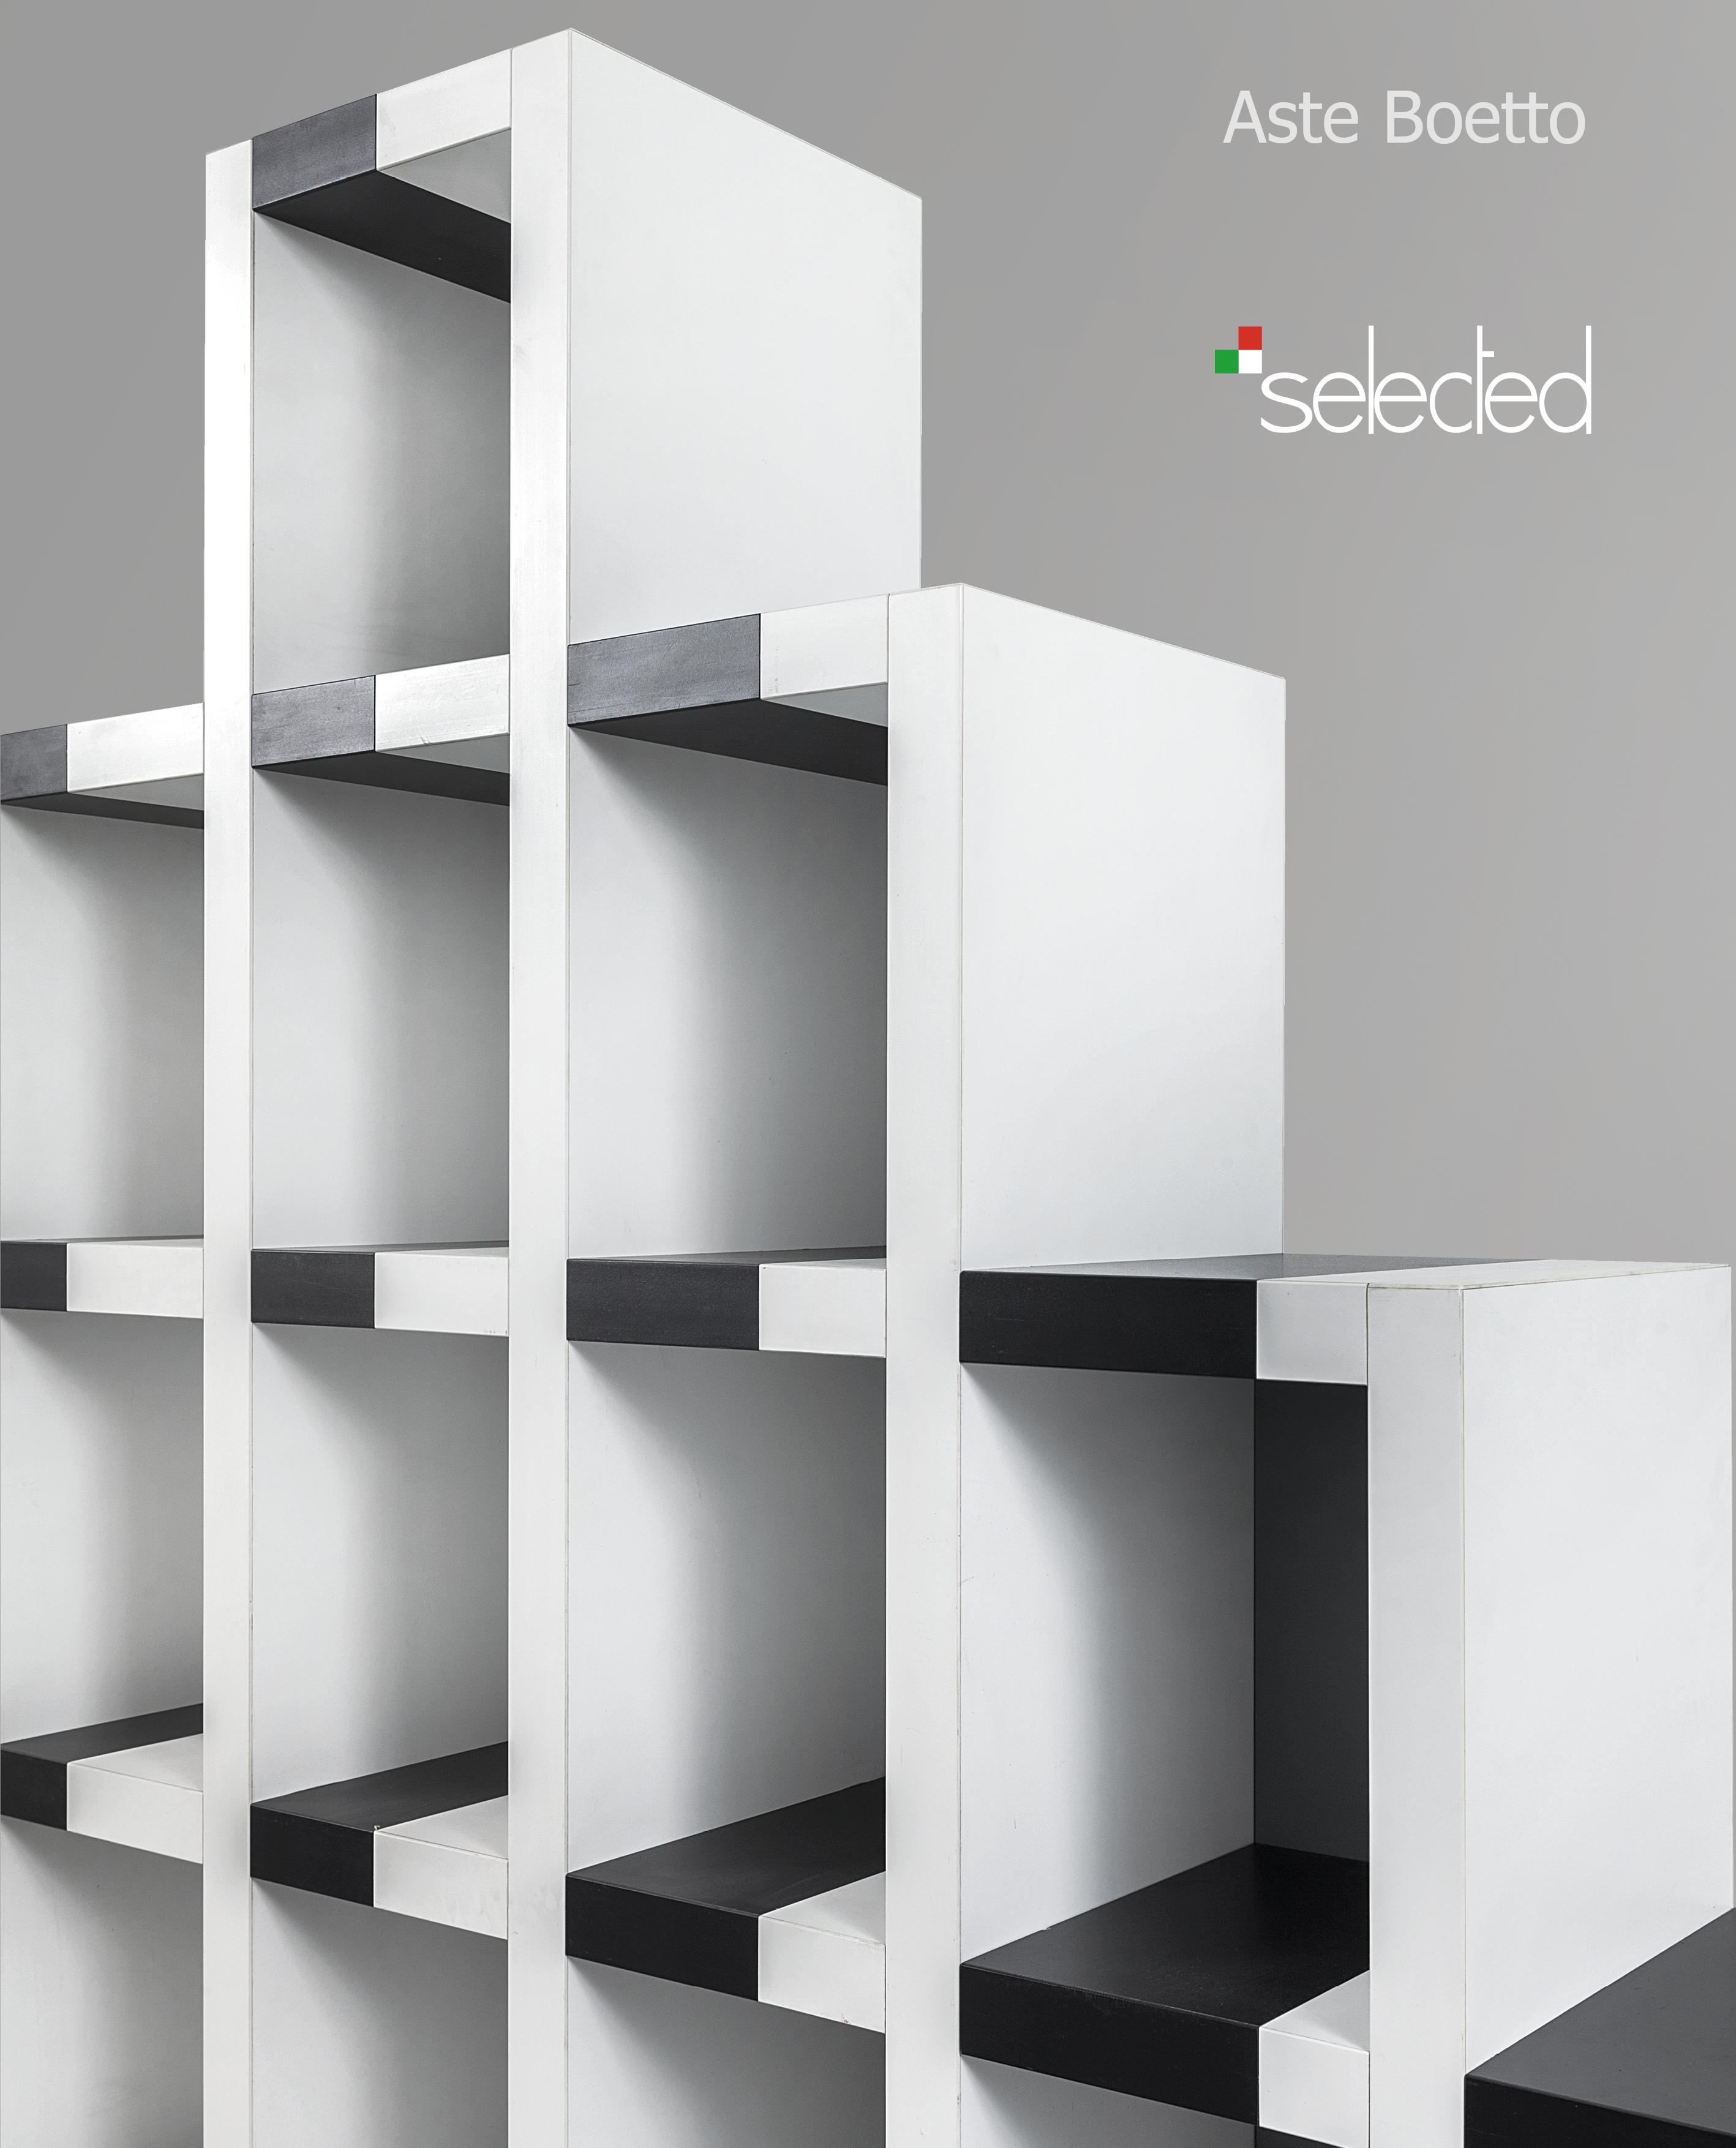 Vente Selected : Important Design chez Aste di Antiquariato Boetto : 124 lots